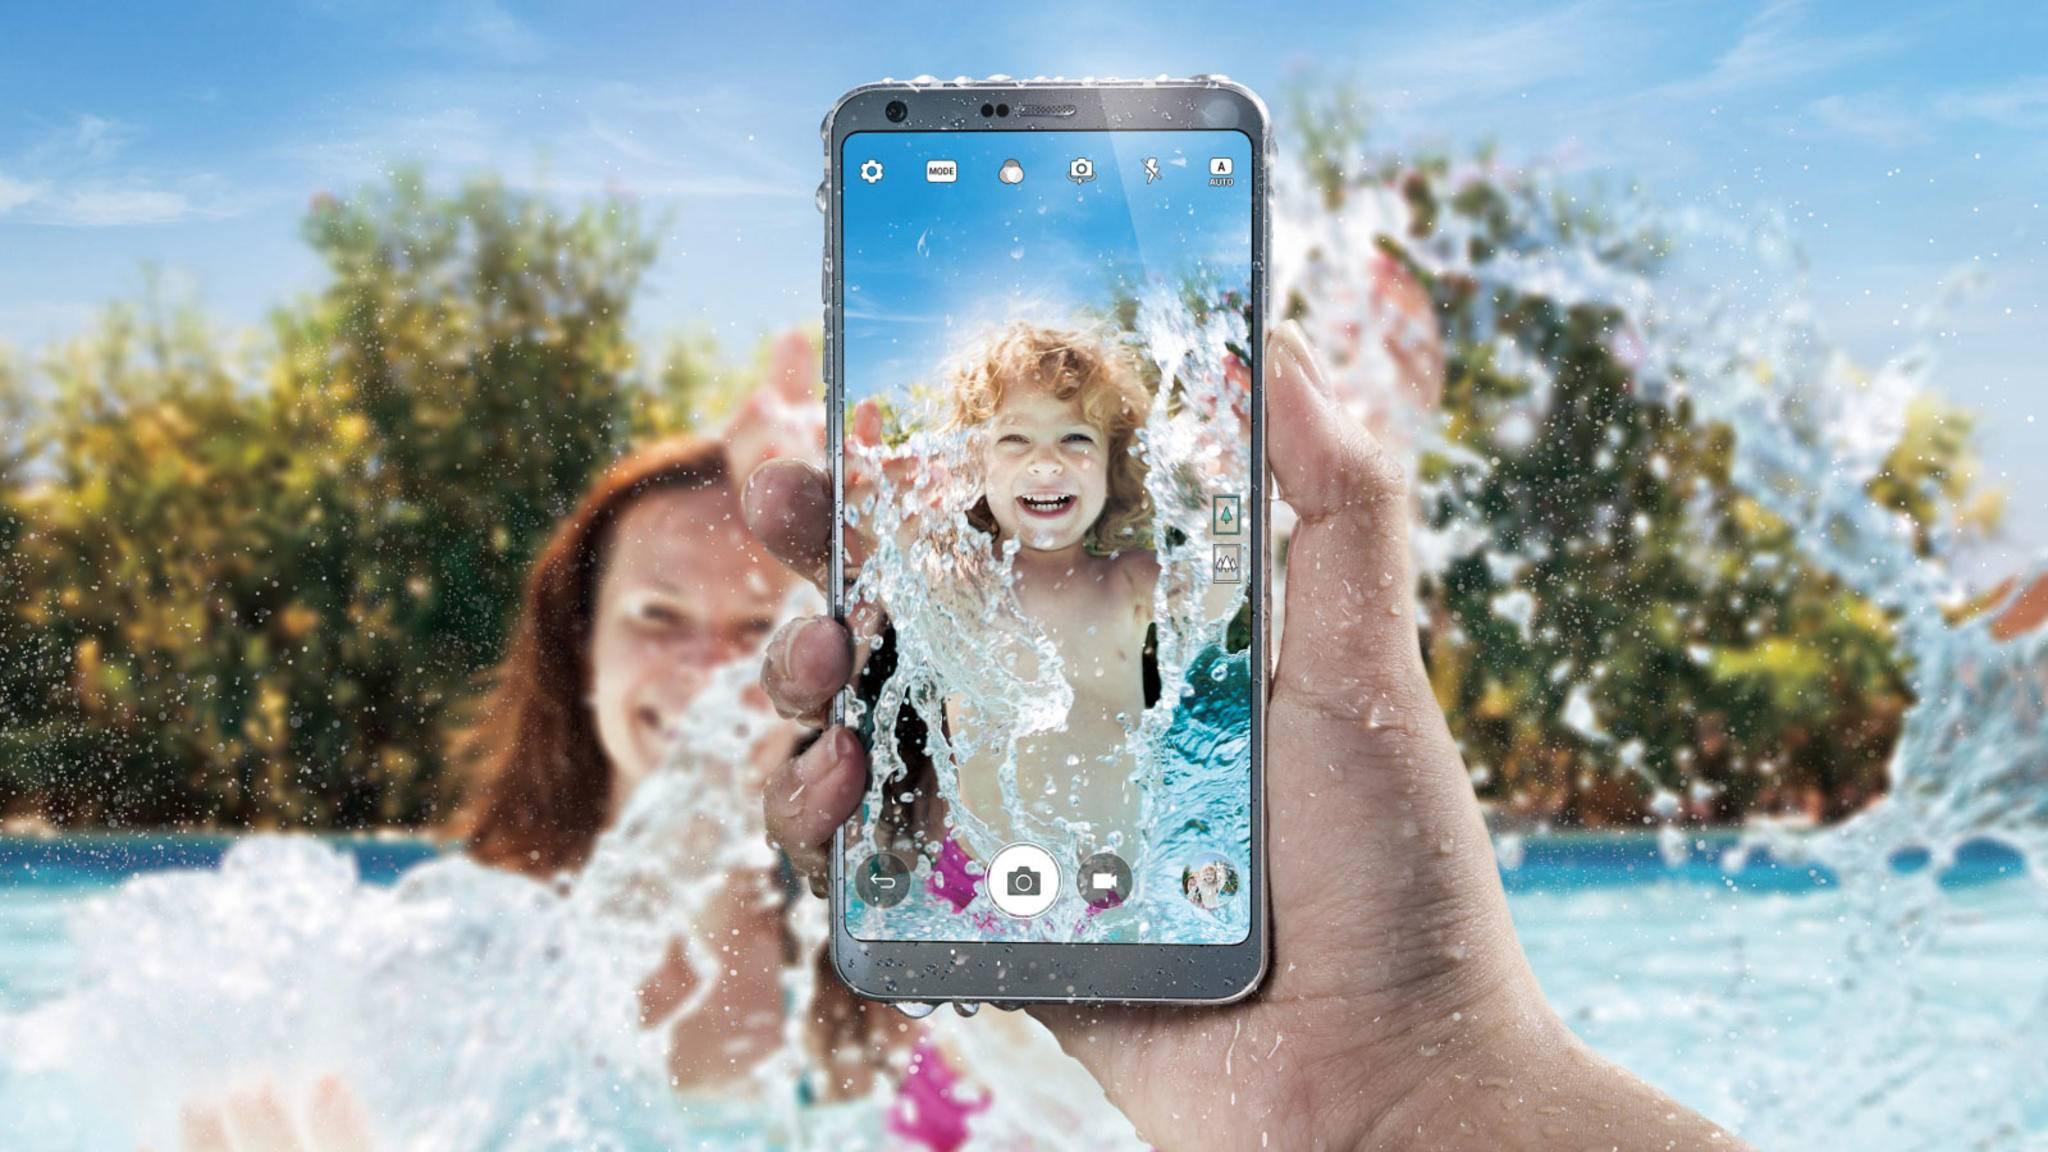 Ist nicht nur wasserdicht, sondern könnte auch bald eine Gesichtserkennung für mobile Zahlungen erhalten: das LG G6.